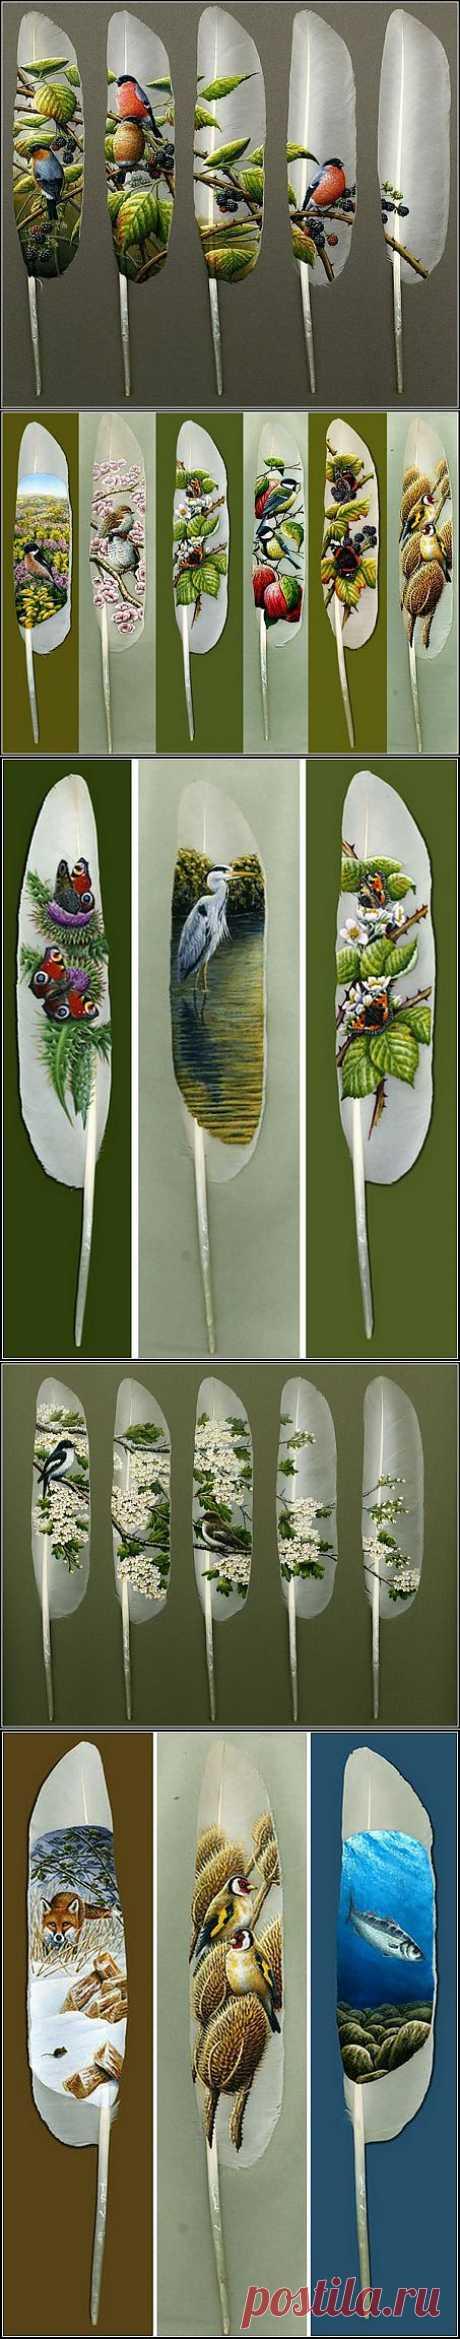 Вместо холста - лебединые перья. Необычная живопись Яна Дэйви (Ian Davie)